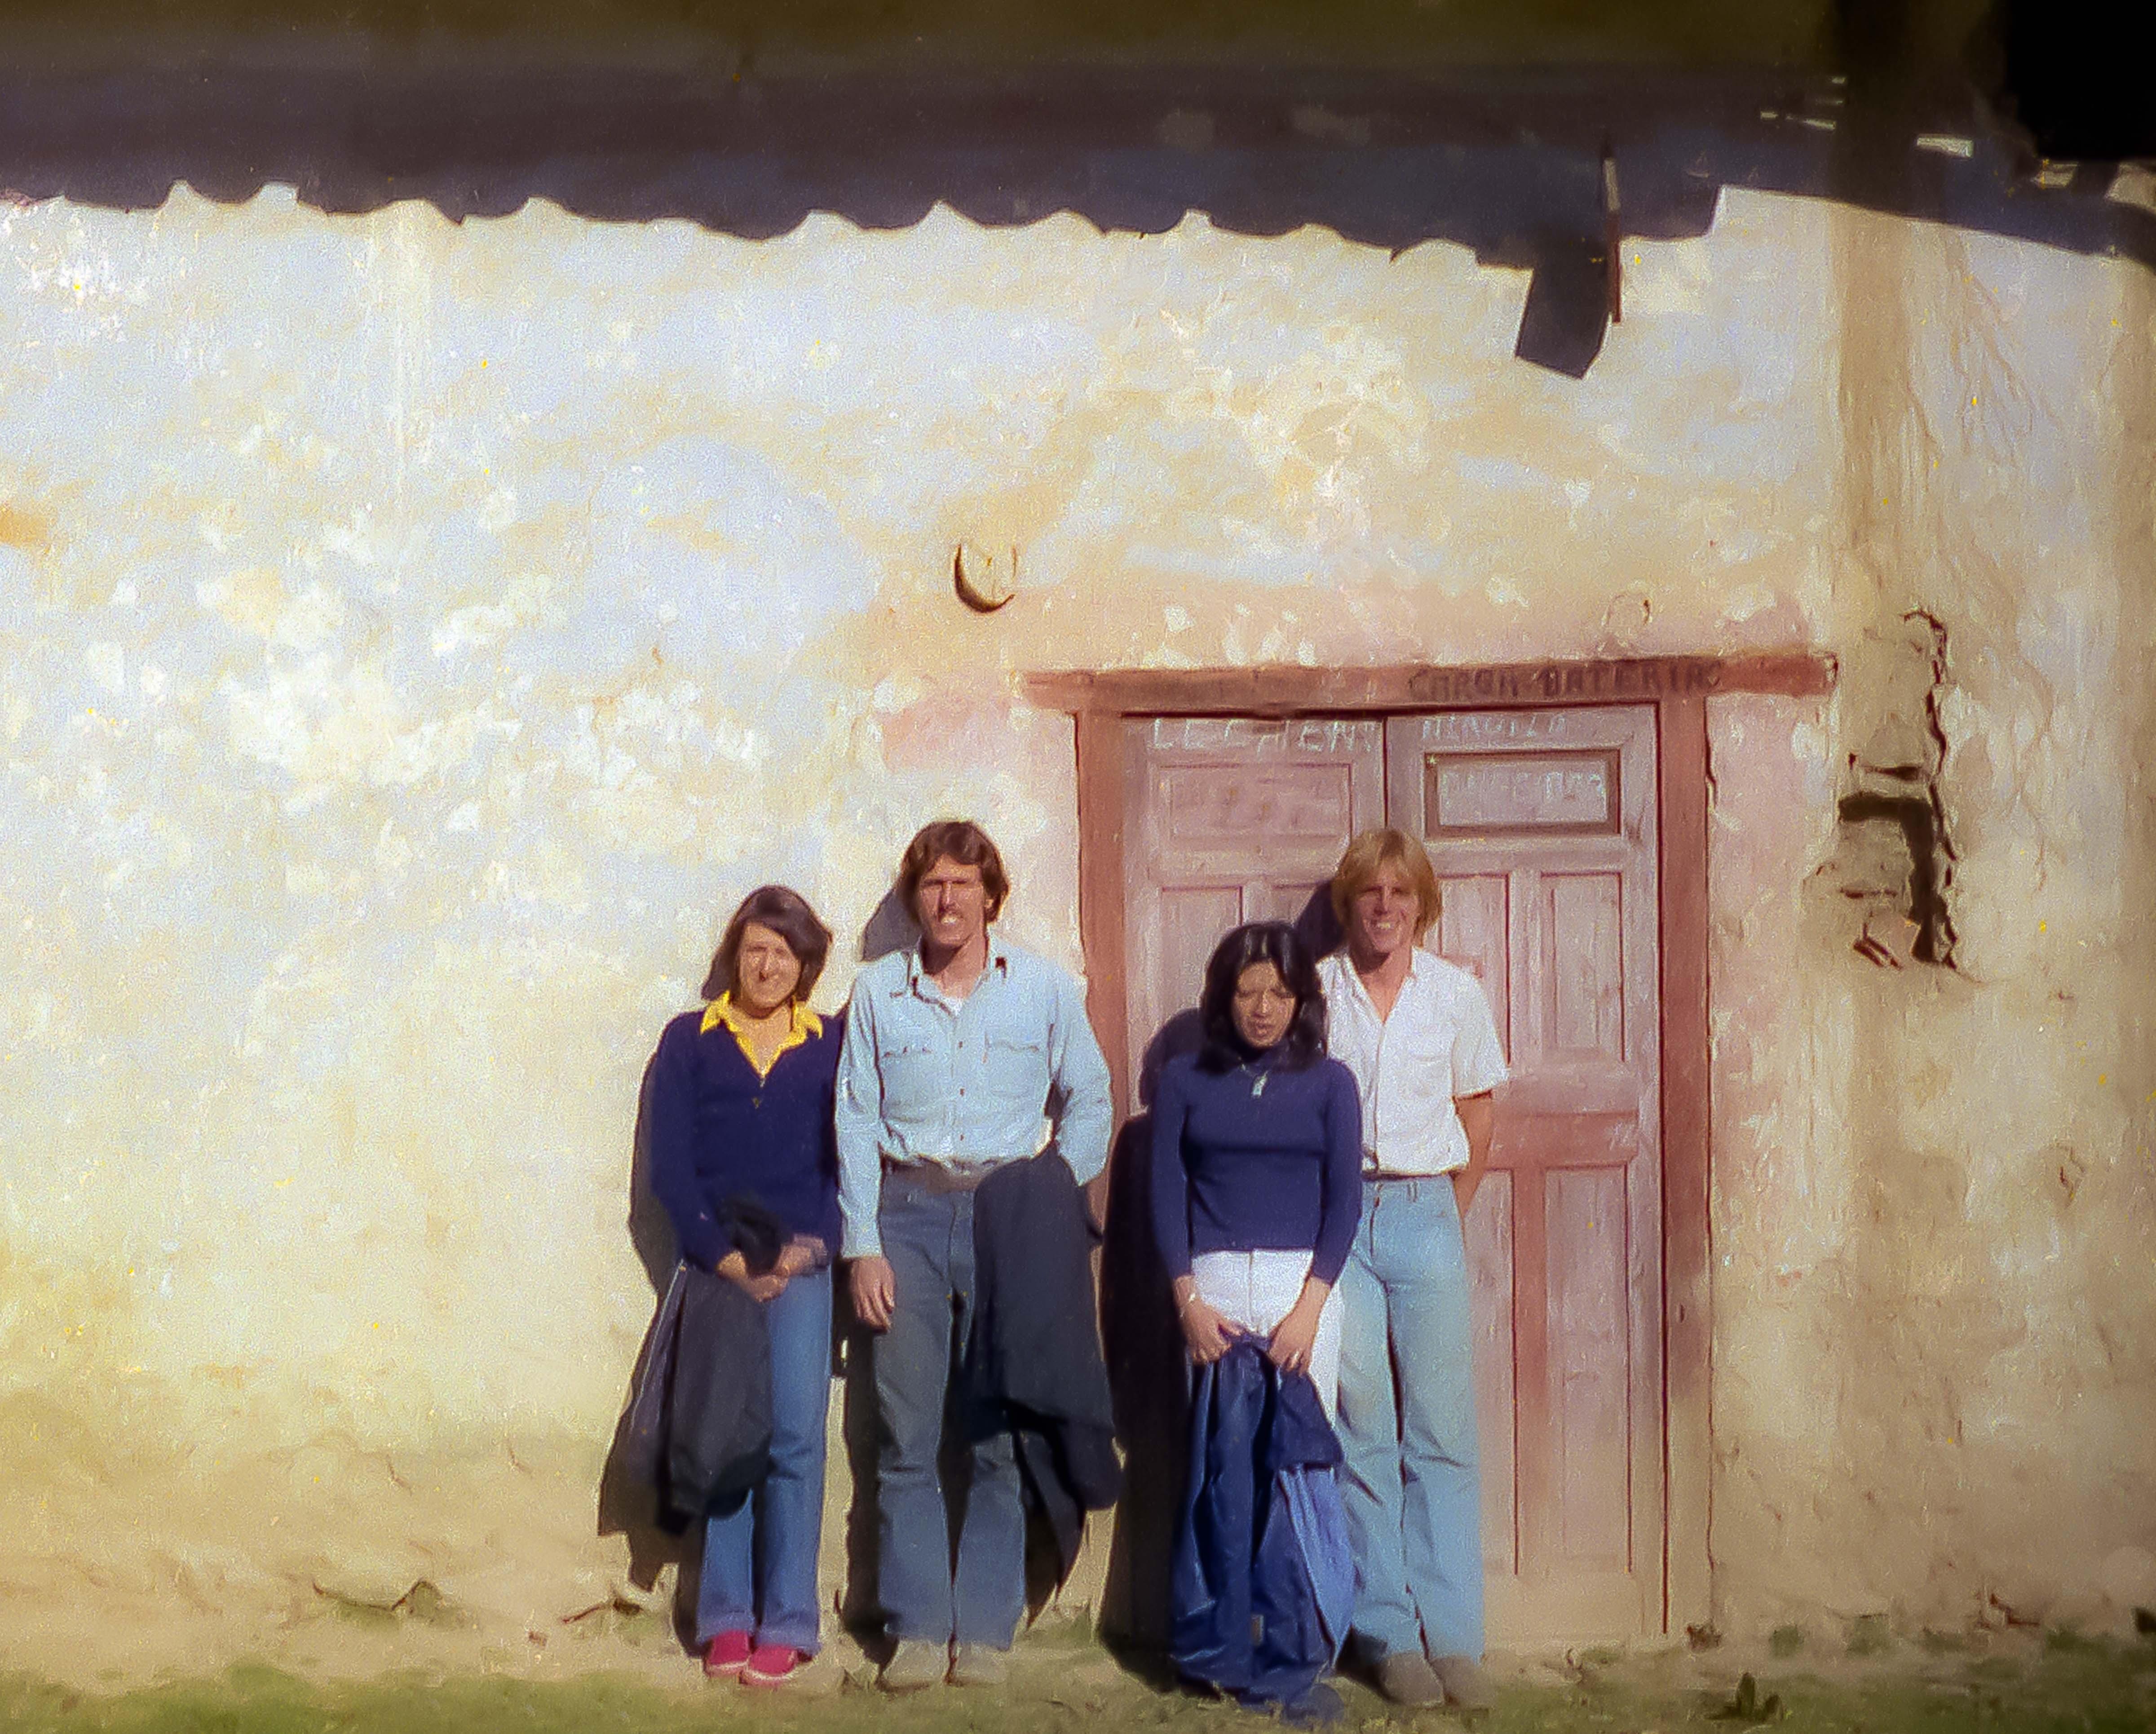 Peru, Lilly, Gary Cappa, Monyo And Jeff Shea, 1979